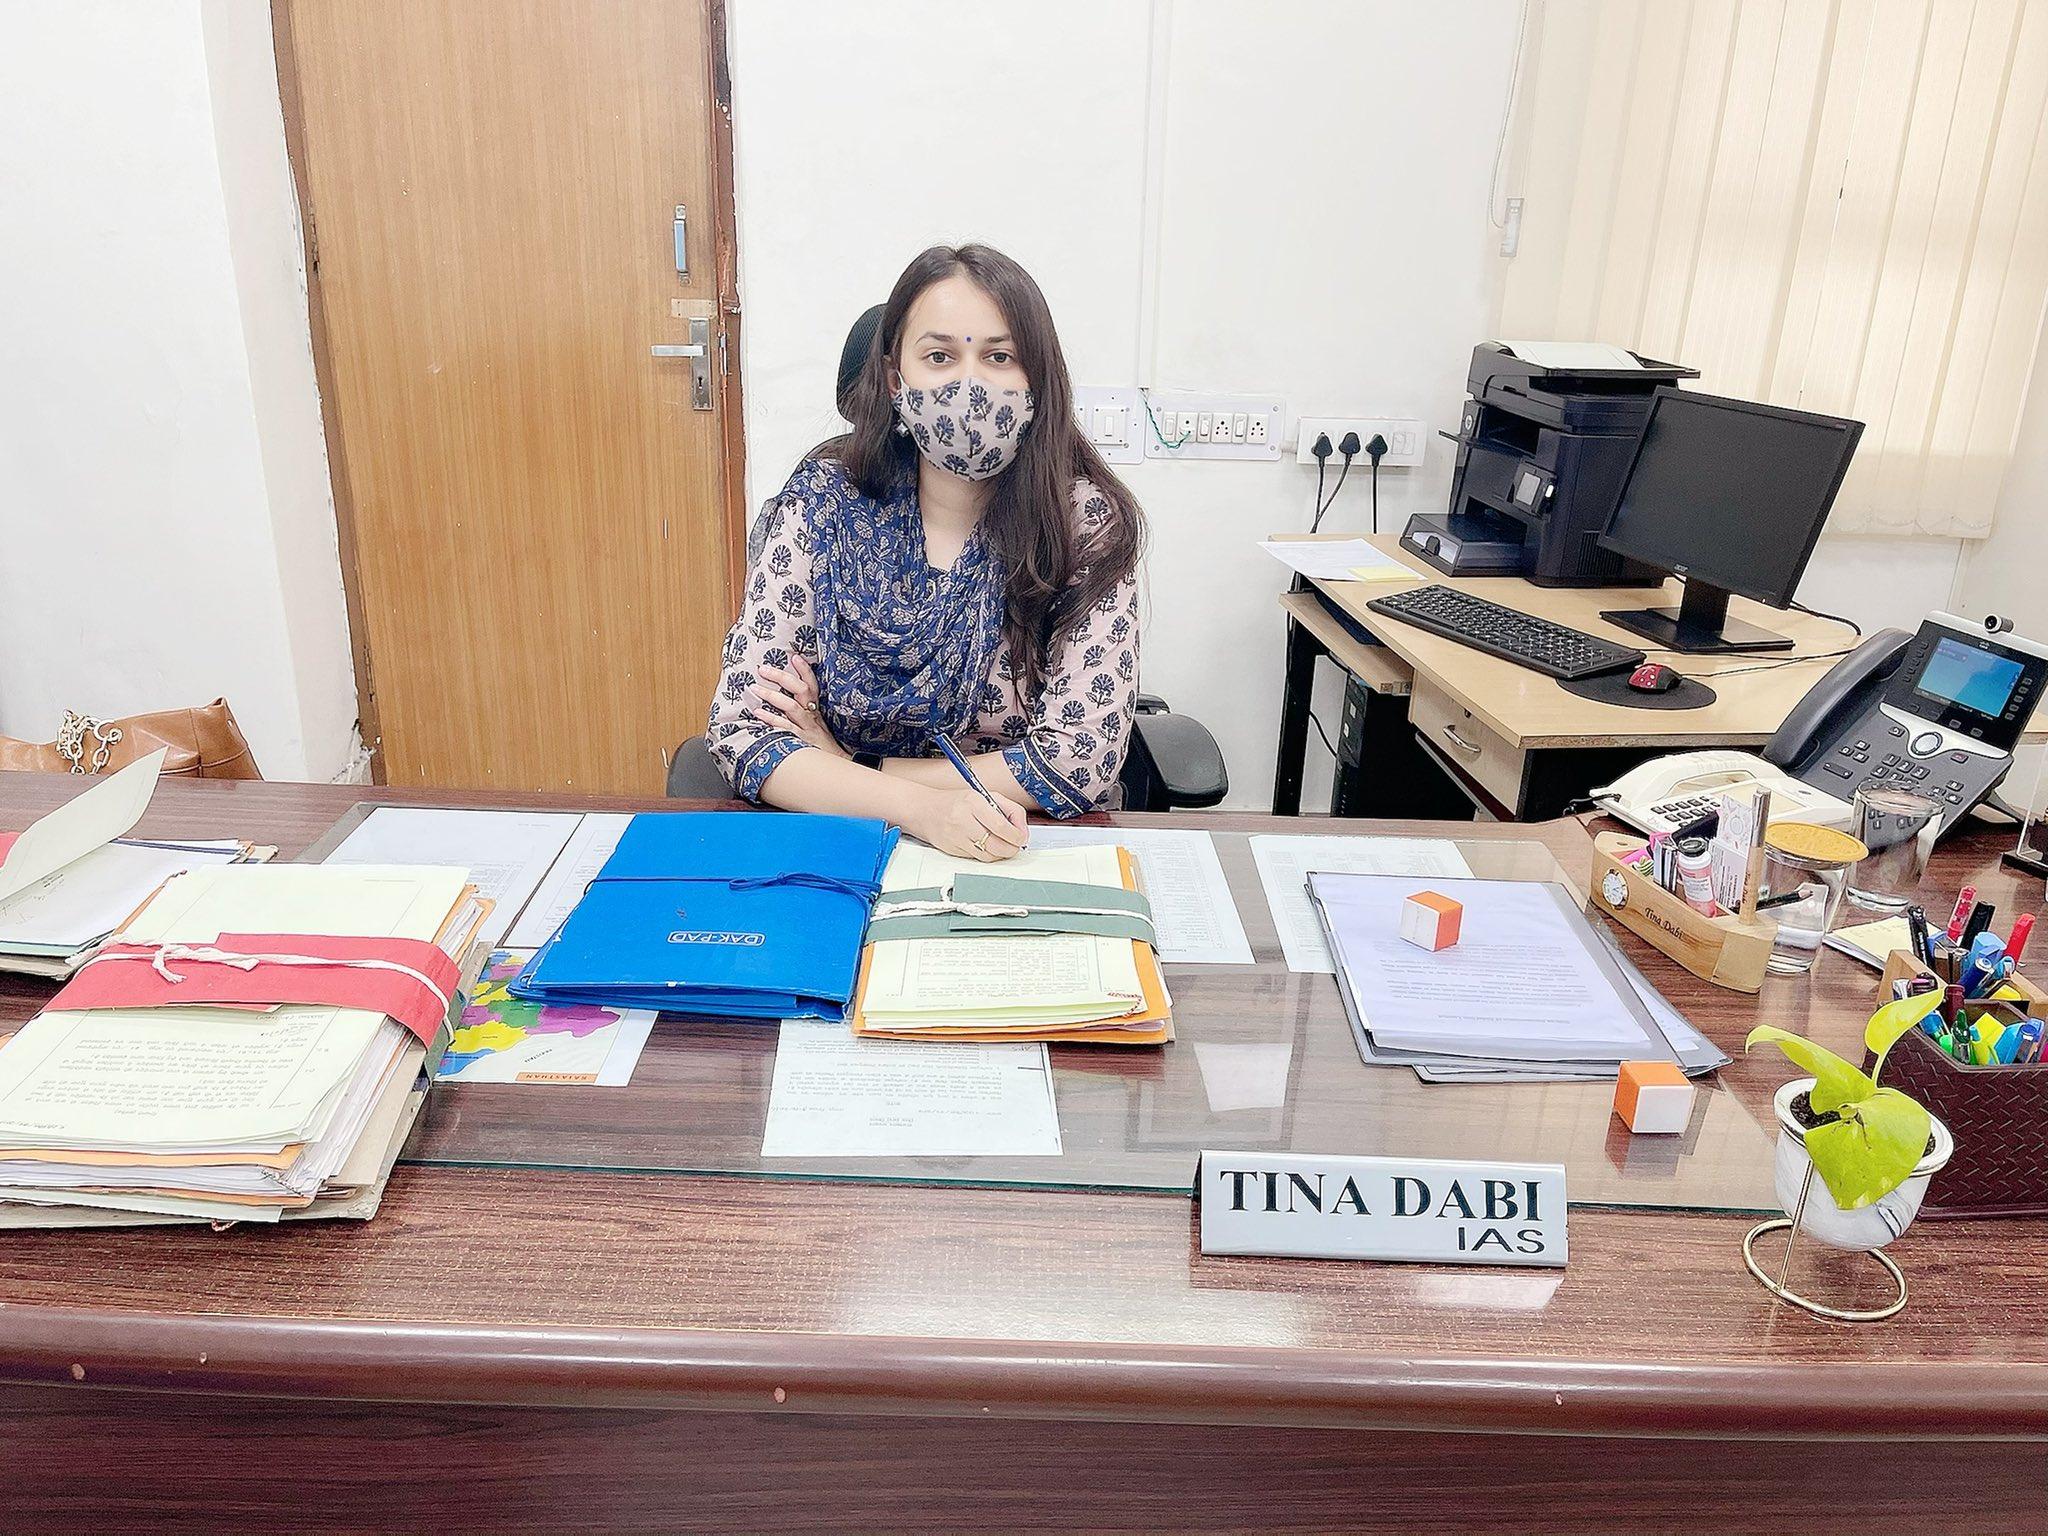 upsc ias timetable 2021,upsc ias preparation tips,upsc ias preparation tips in hindi, upsc ias preparation tips by tina dabi,upsc ias preparation tips by tina dabi in hindi,UPSC IAS 2021 Exam